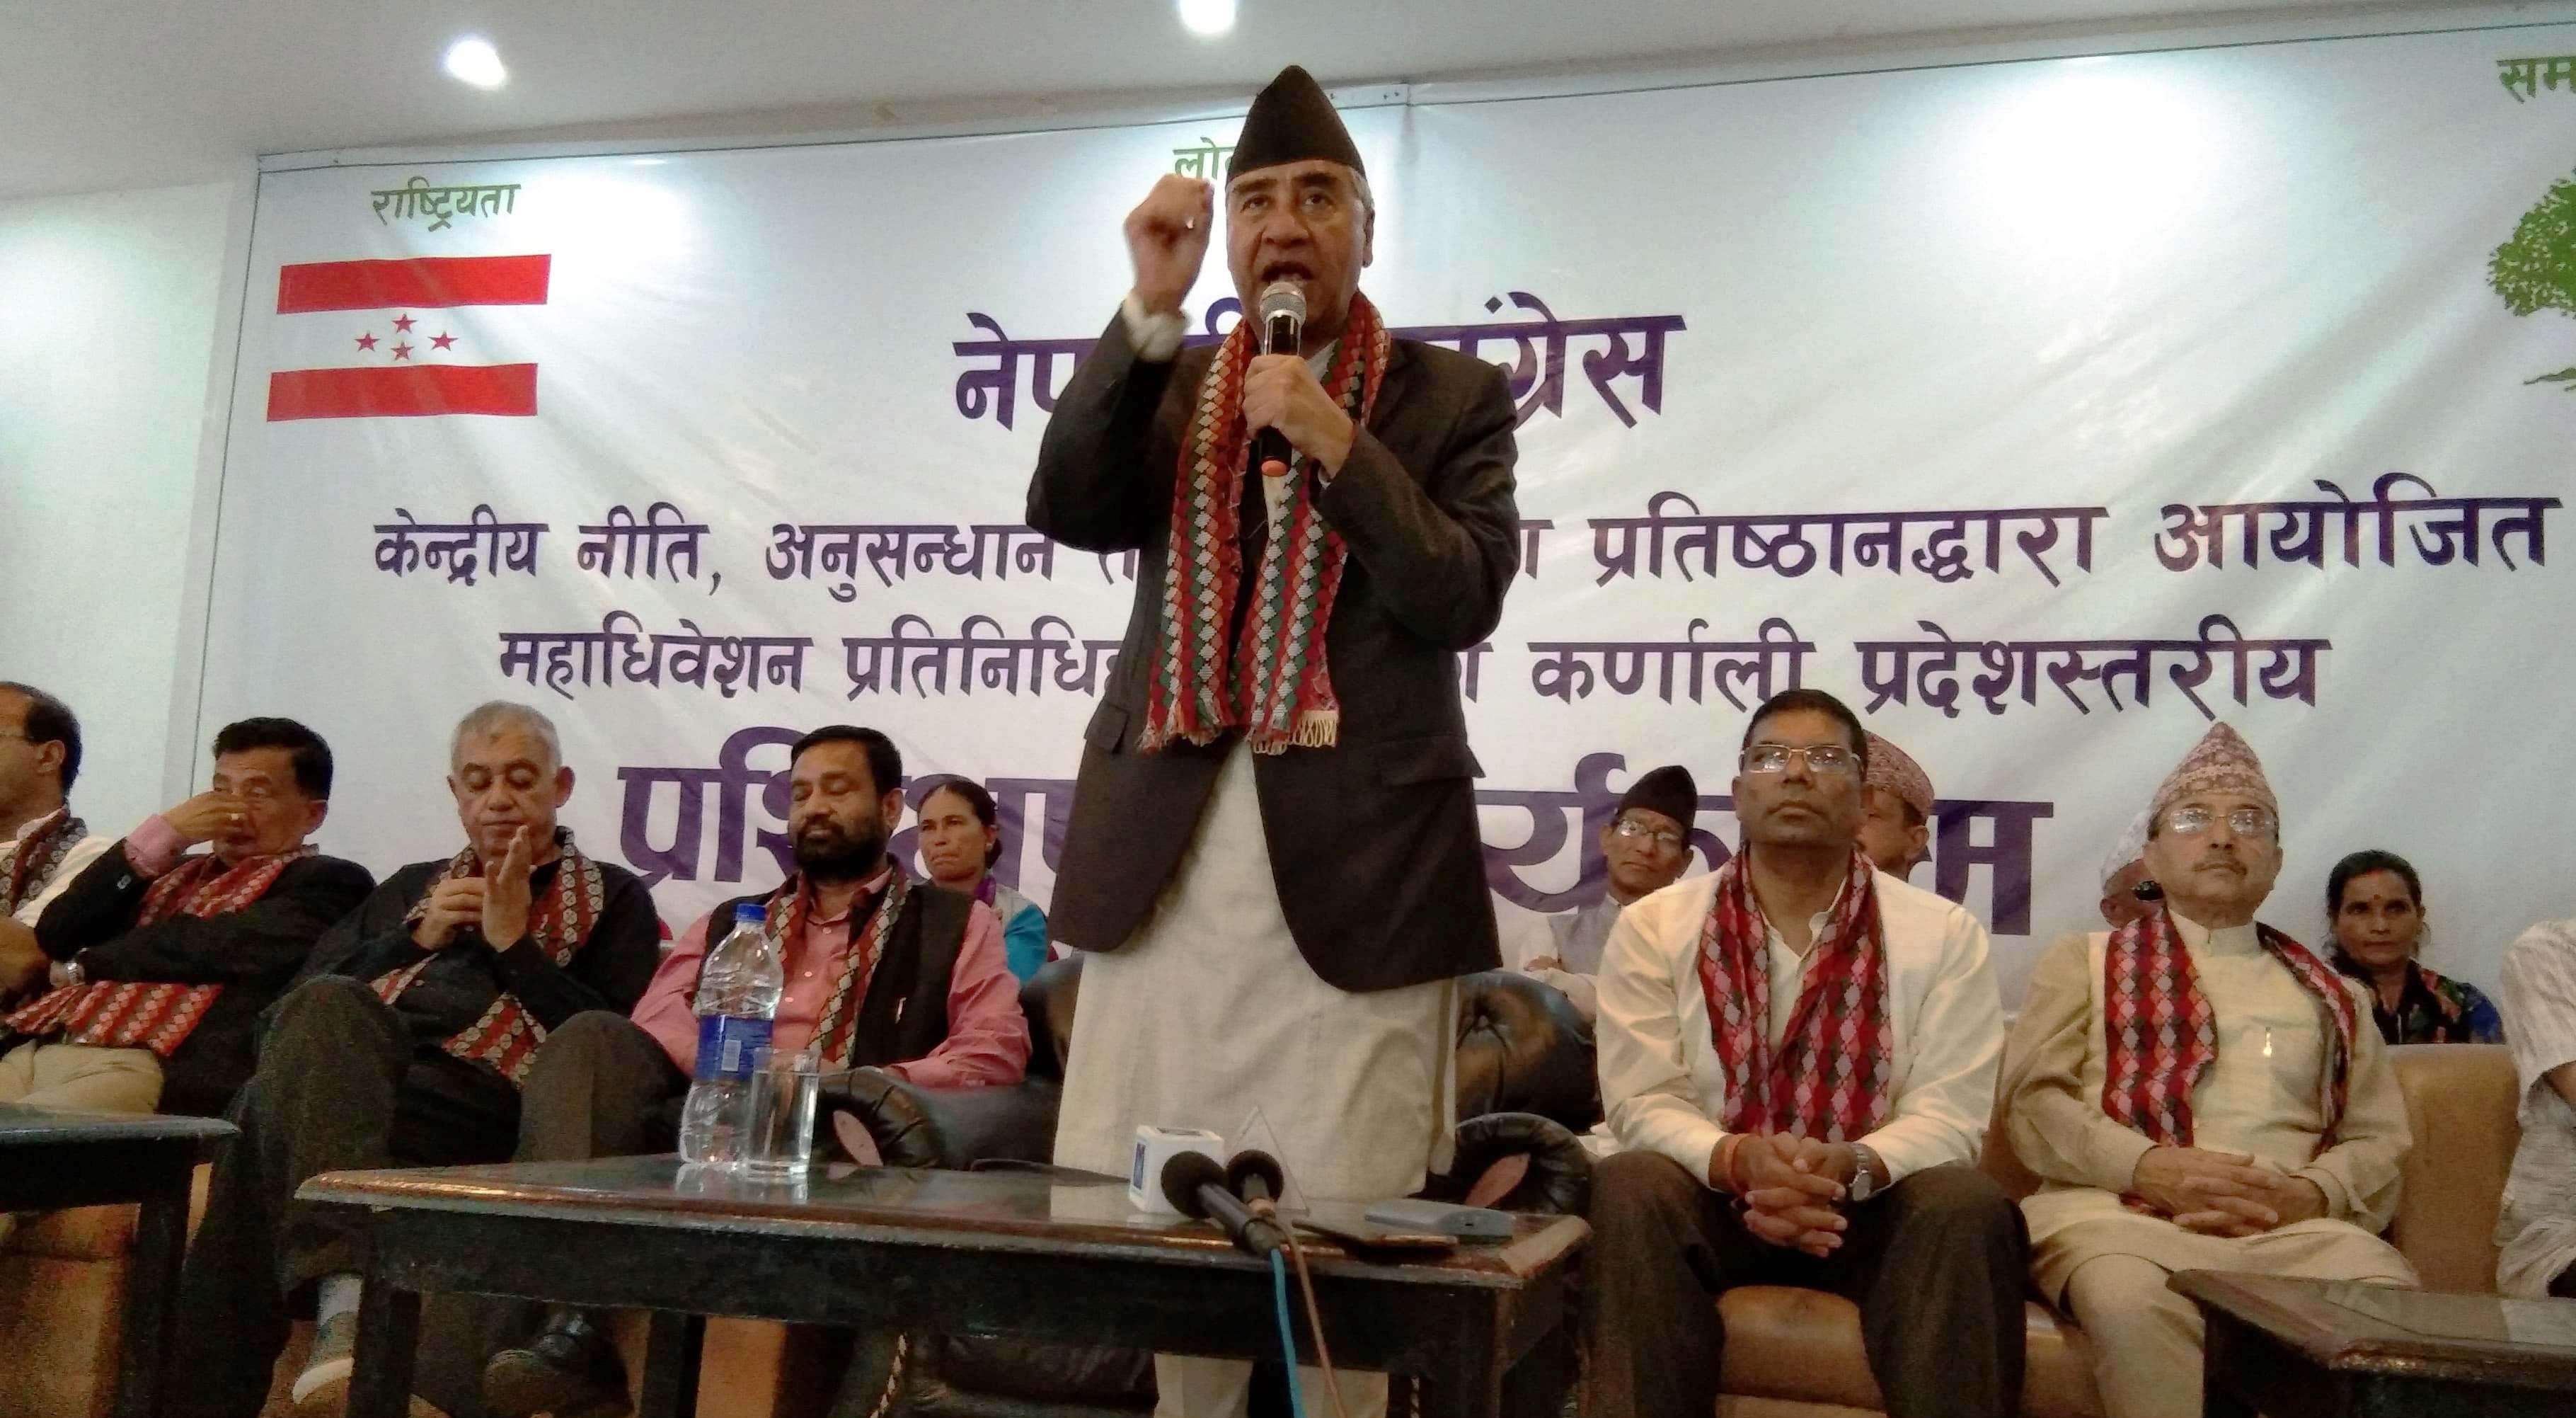 सरकारले नेपाललाई साम्यवादी बनाउन खोज्योः सभापति देउवा